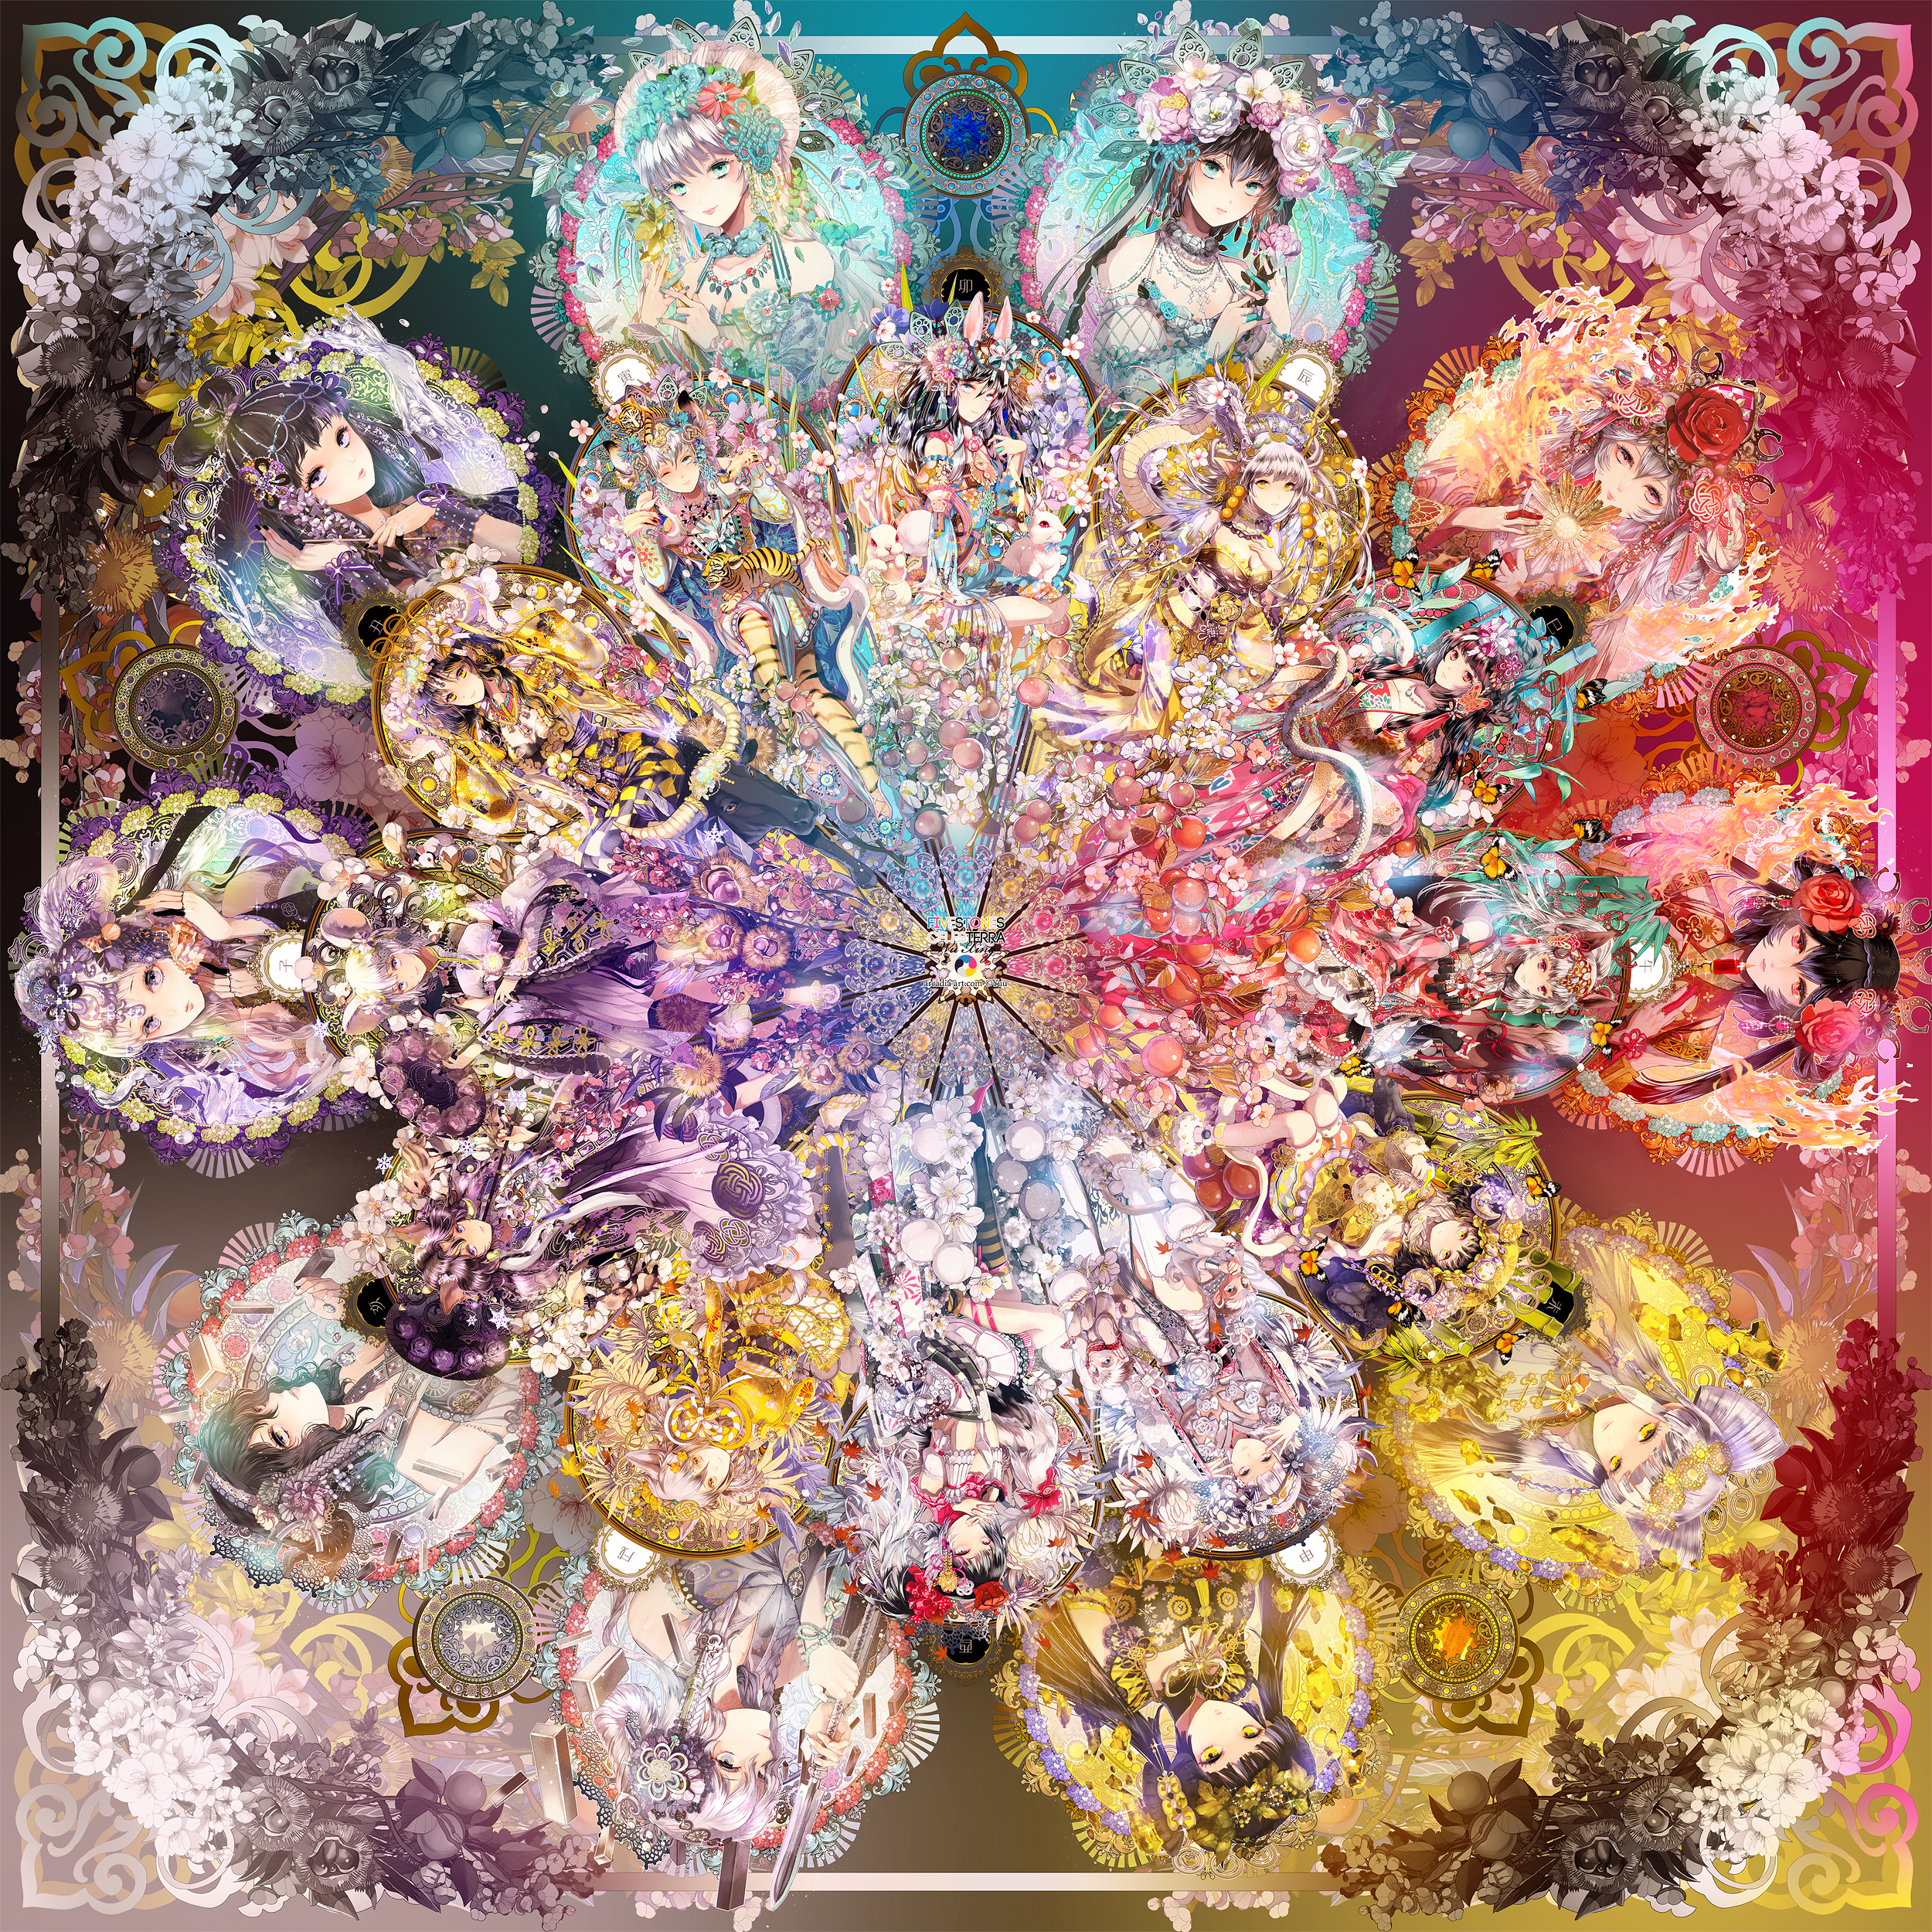 【P站美图】日本神仙画师憂绘制,天干地支拟人图